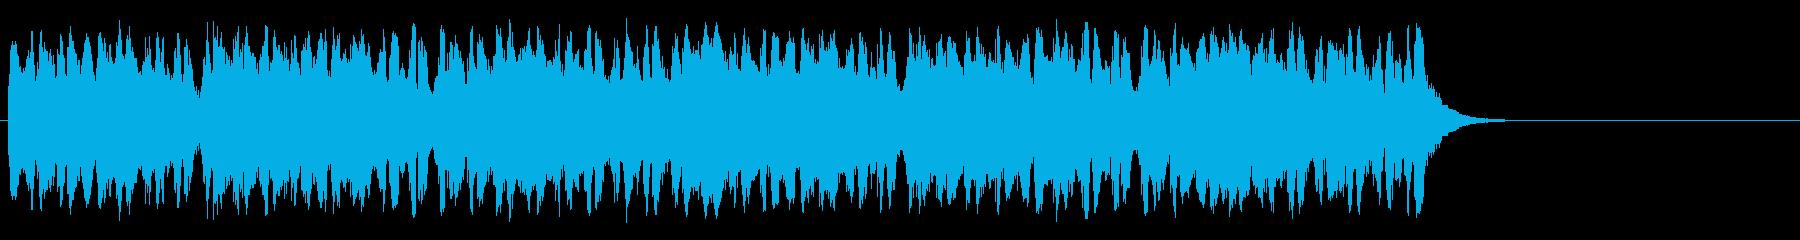 懐かしブギウギ和風ポップ(サビ)の再生済みの波形